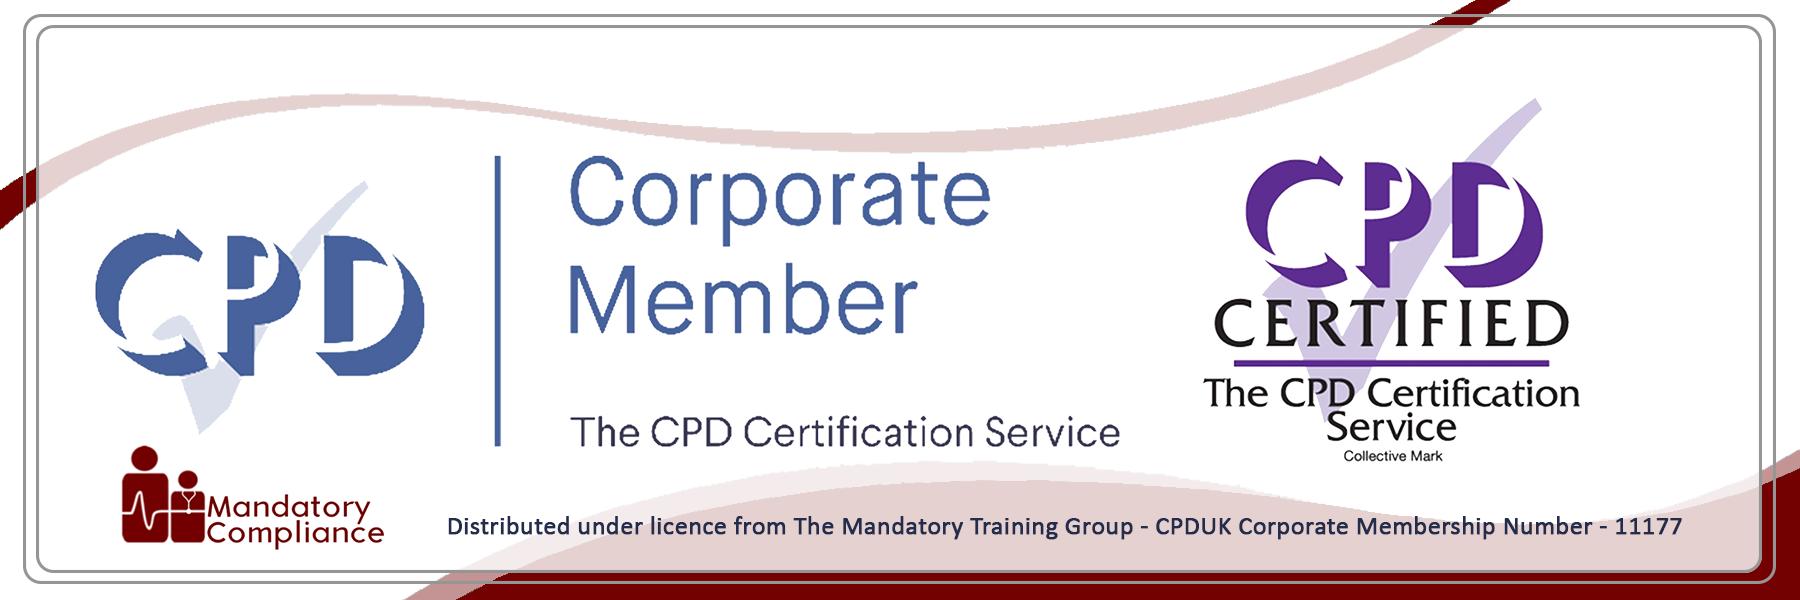 Basic Life Support – Level 2 - Online Training Course - CPDUK Accredited - Mandatory Compliance UK -